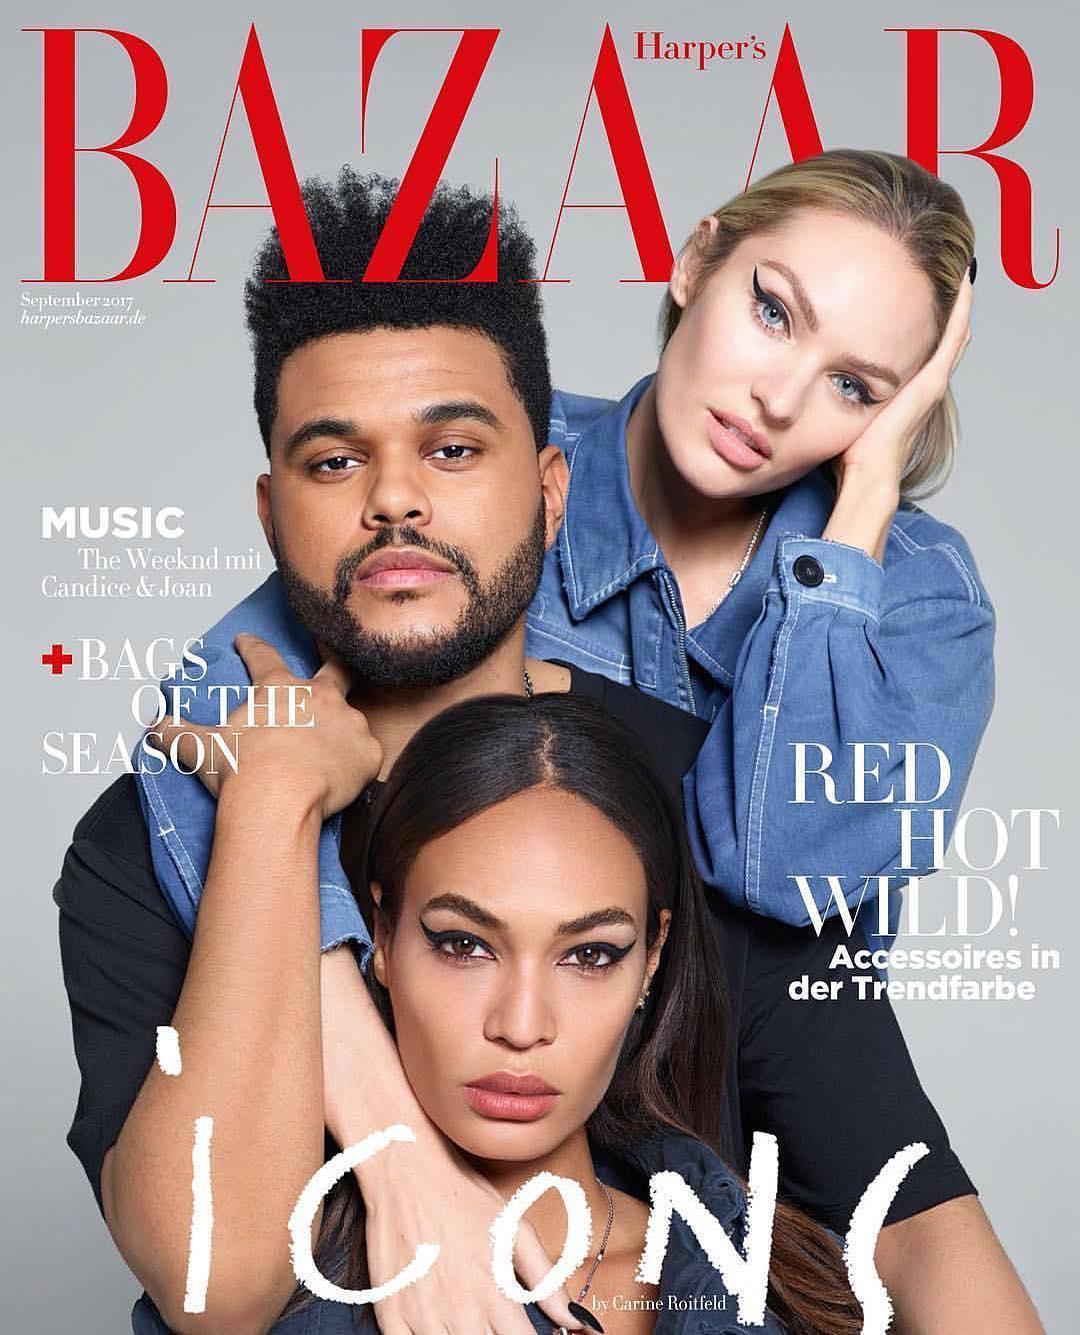 Harpers Bazaar September 2017 Germany.jpg